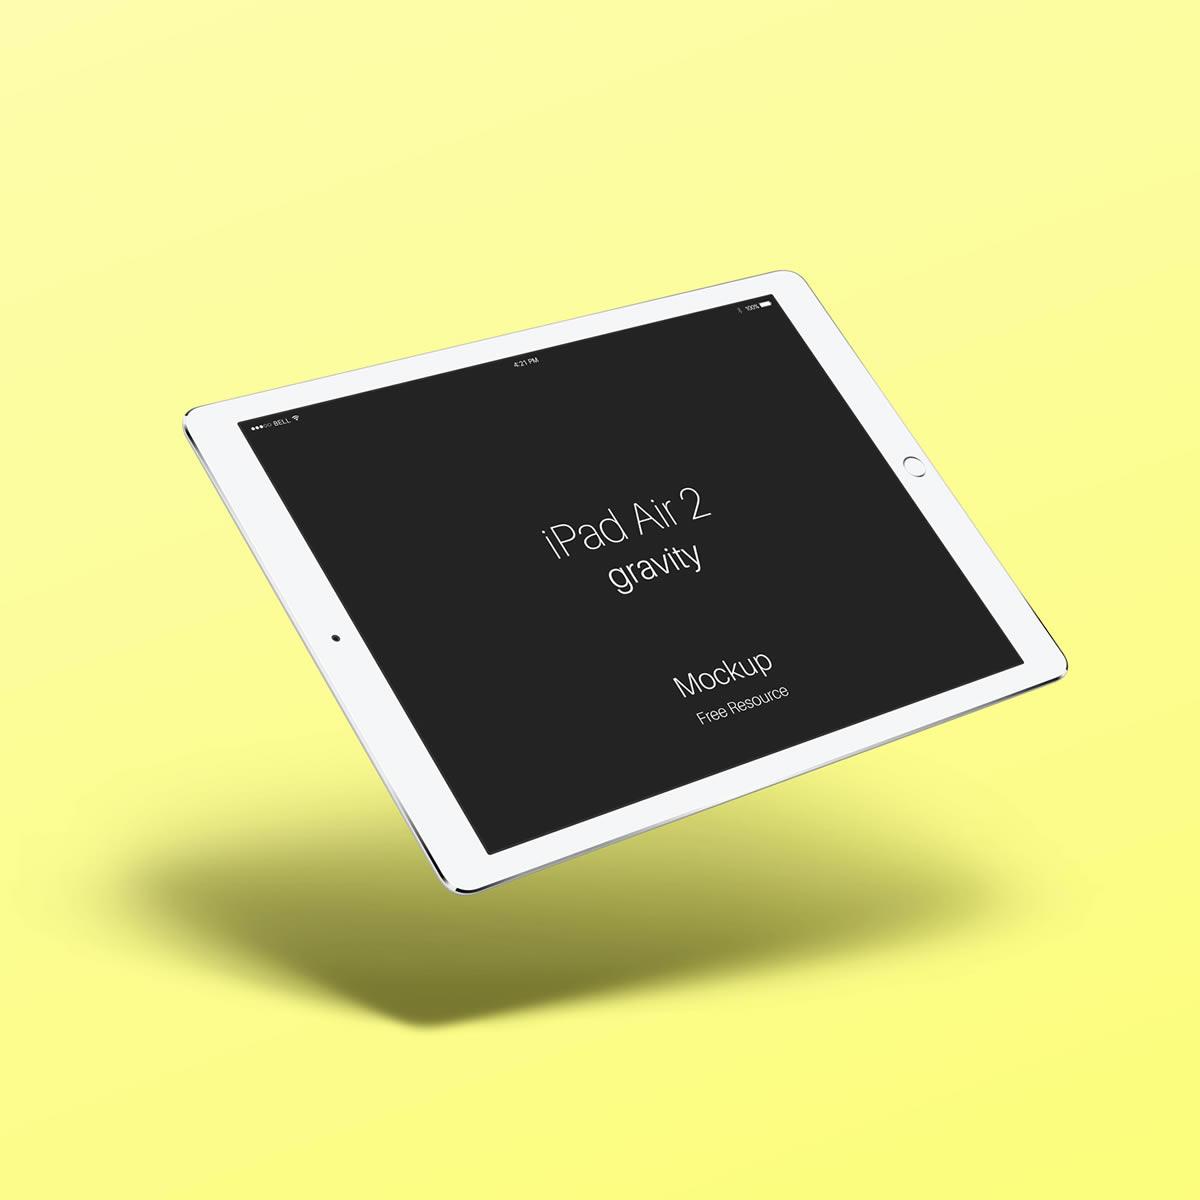 Mobile Platform for Creatives